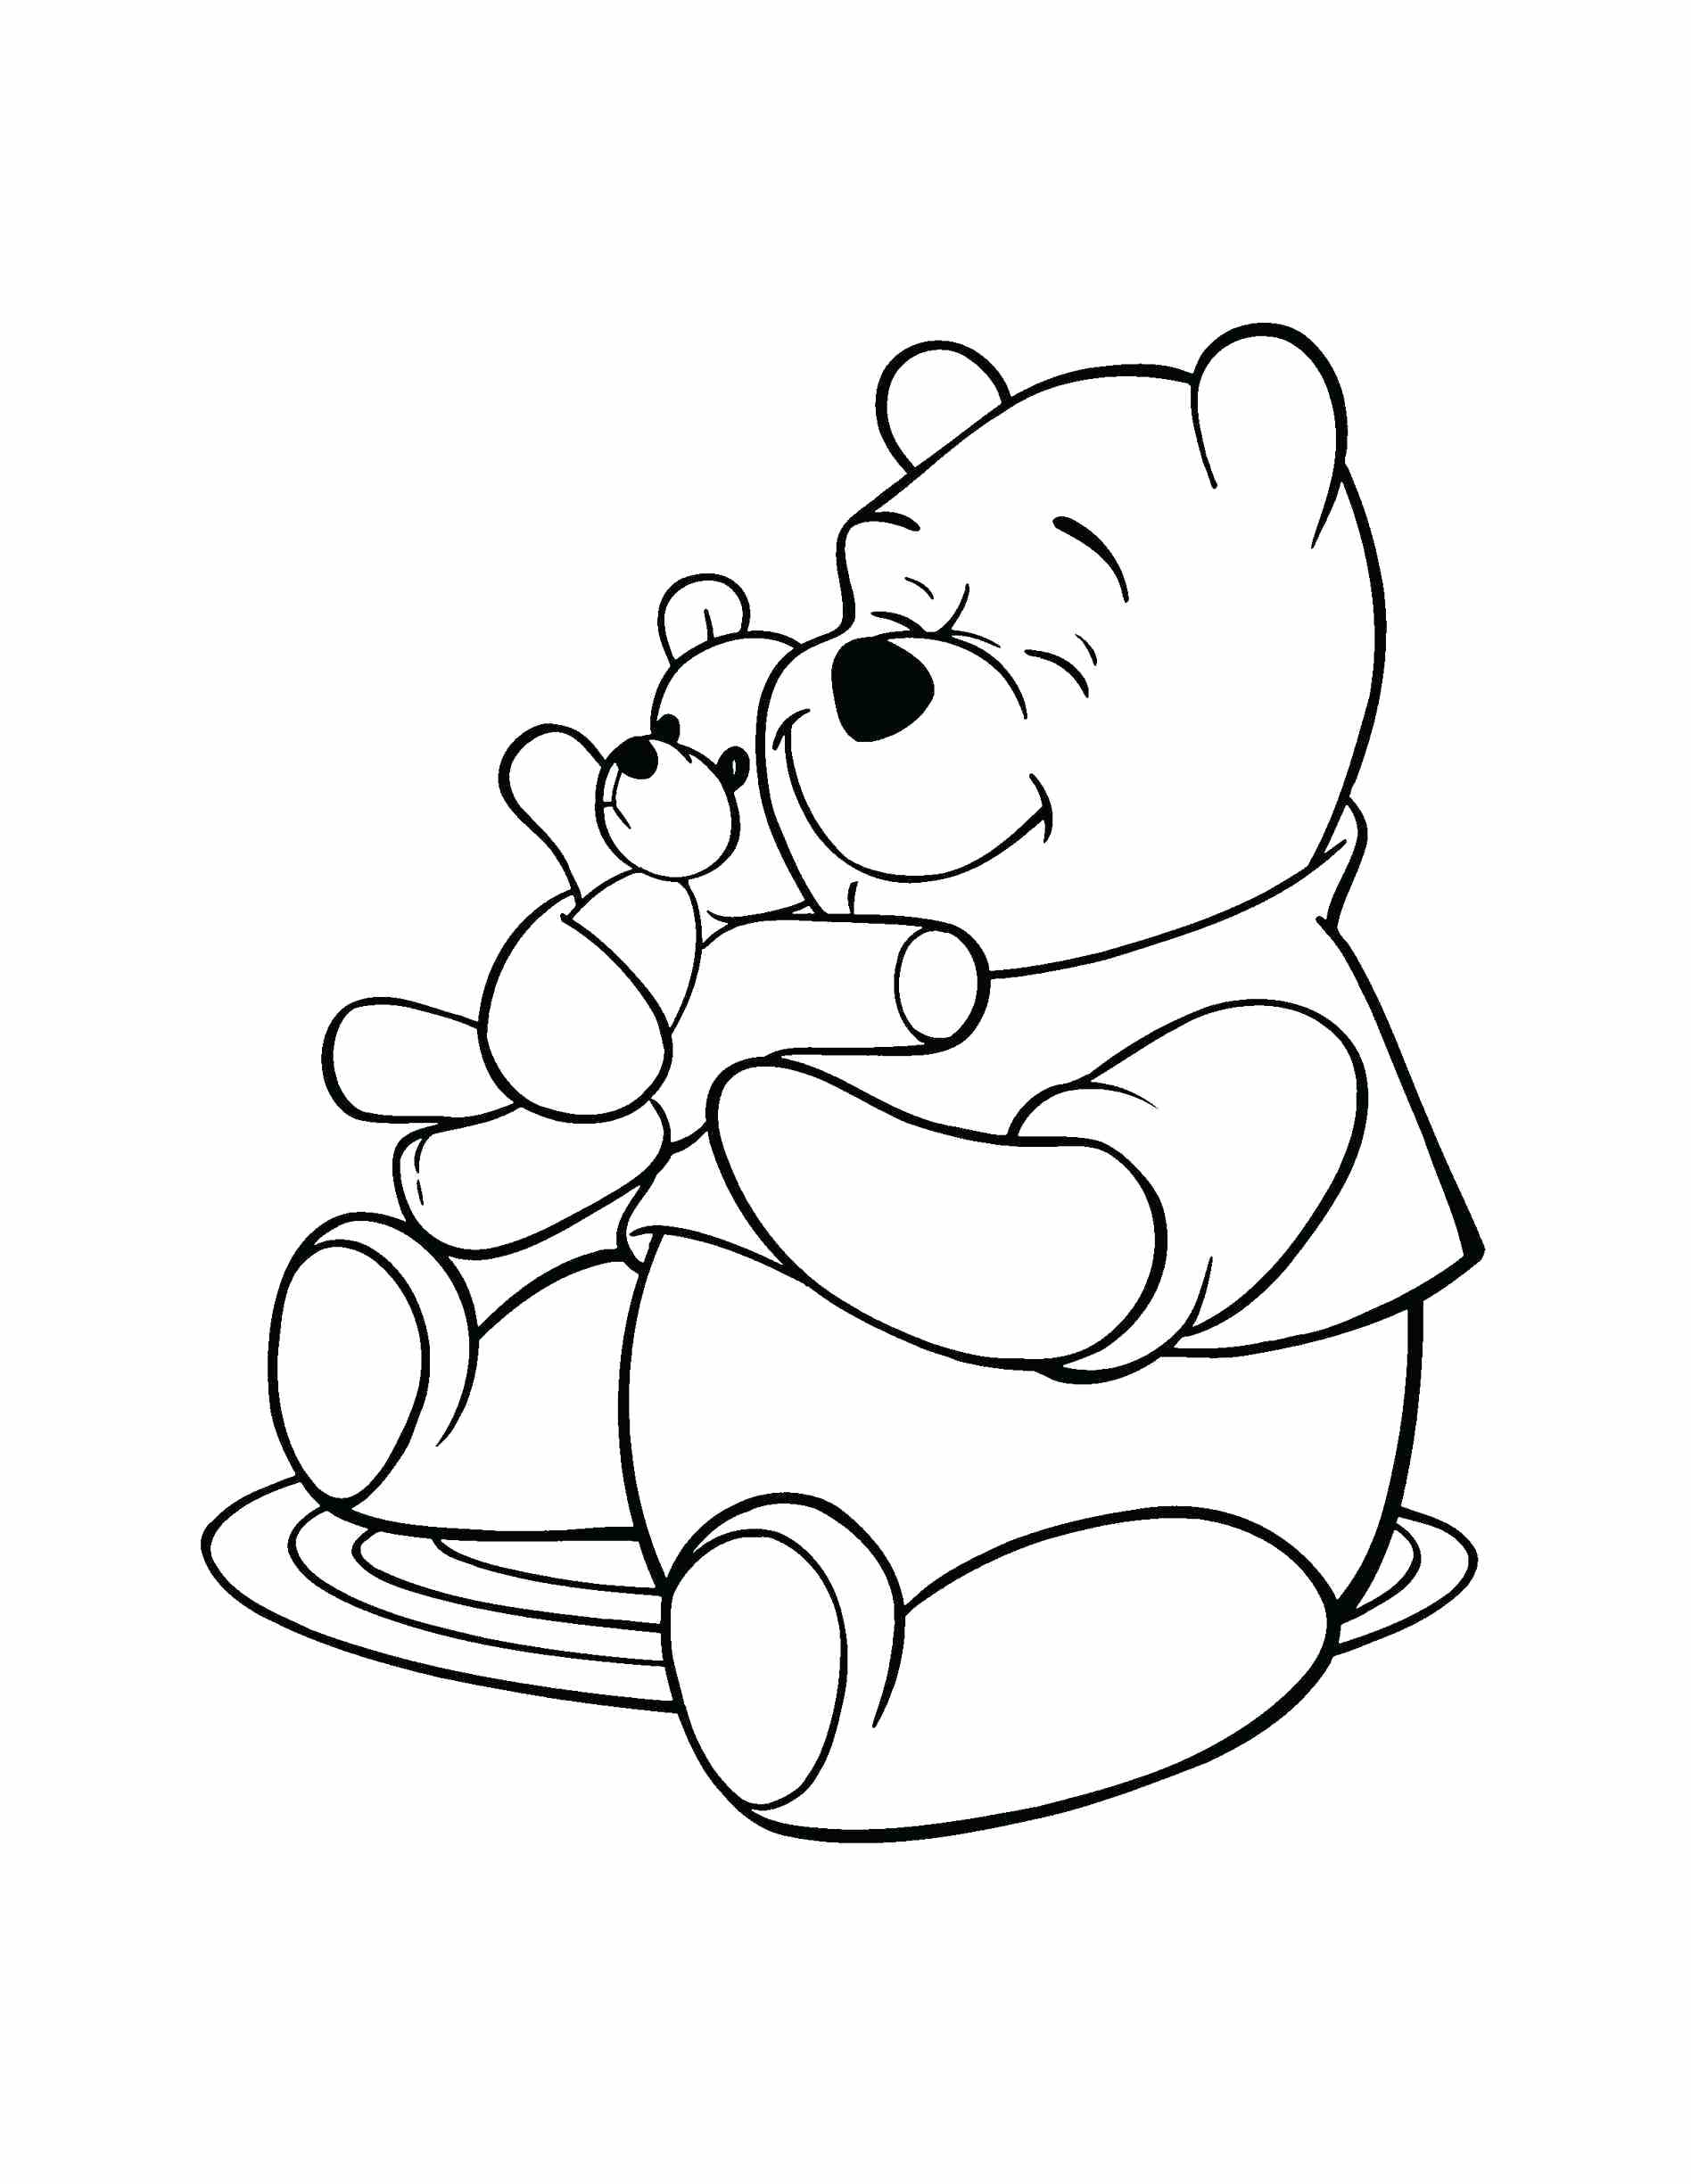 Großzügig Free Pooh Bär Malvorlagen Ideen - Malvorlagen Von Tieren ...